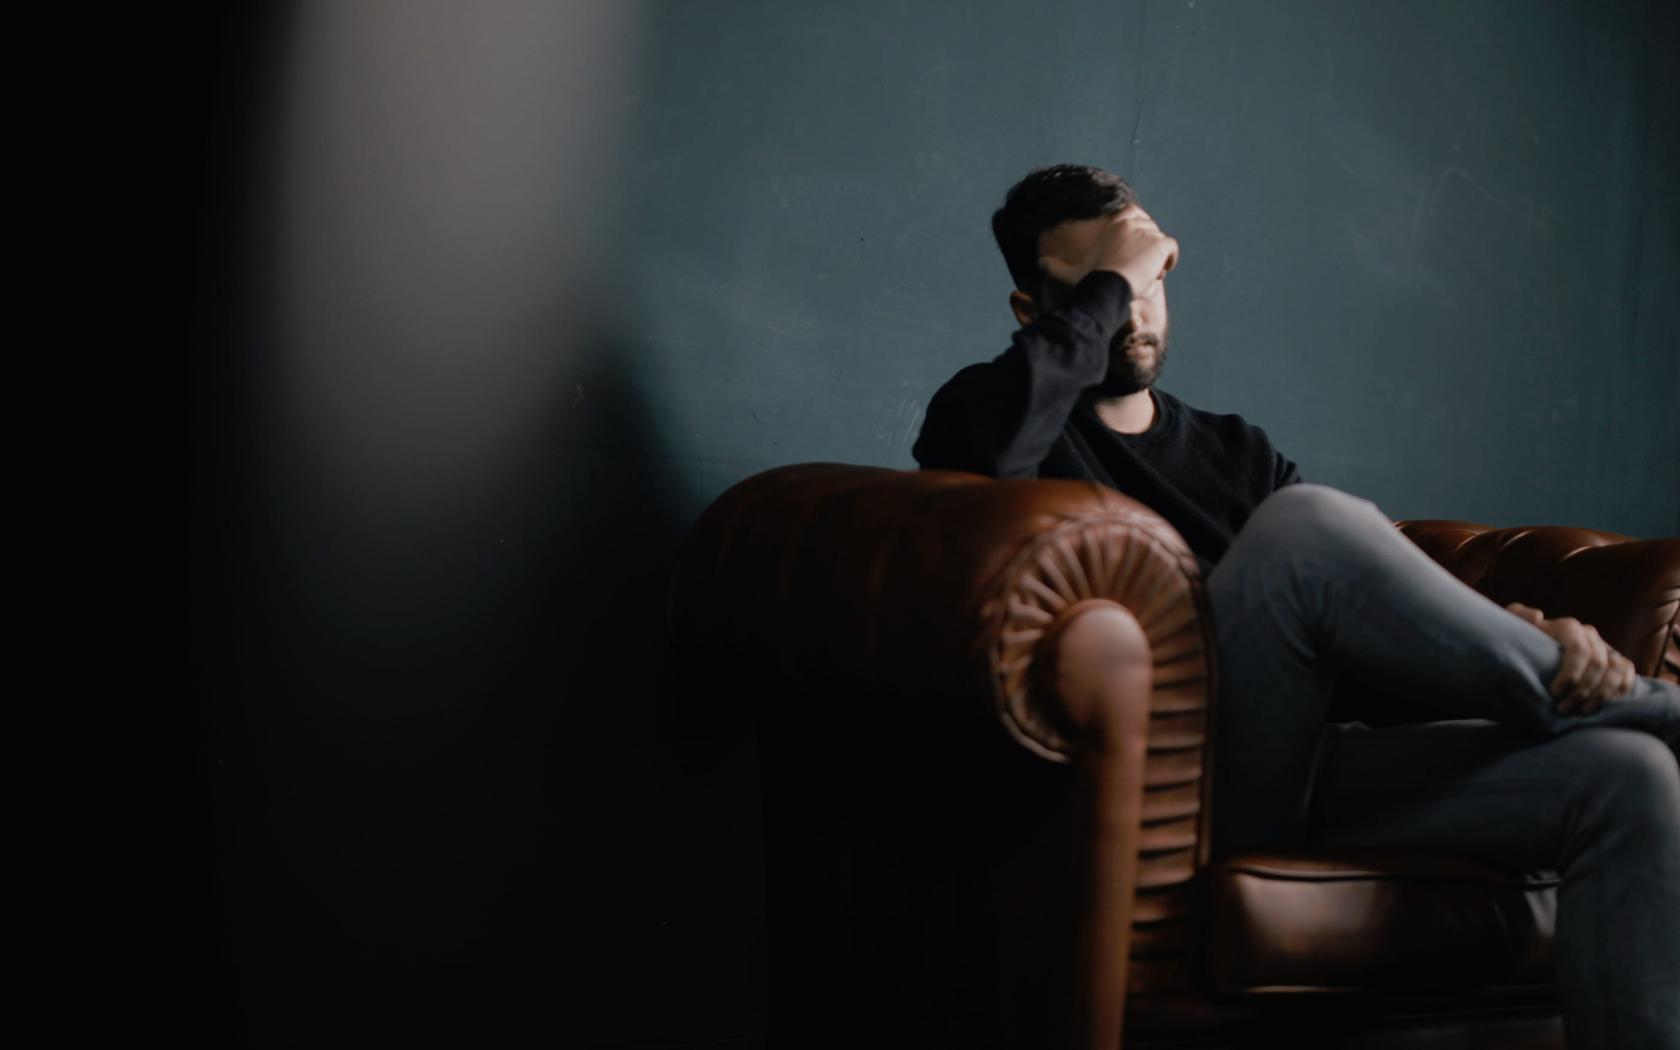 En la percepción del dolor influyen factores físicos, emocionales, psicológicos y sociales.